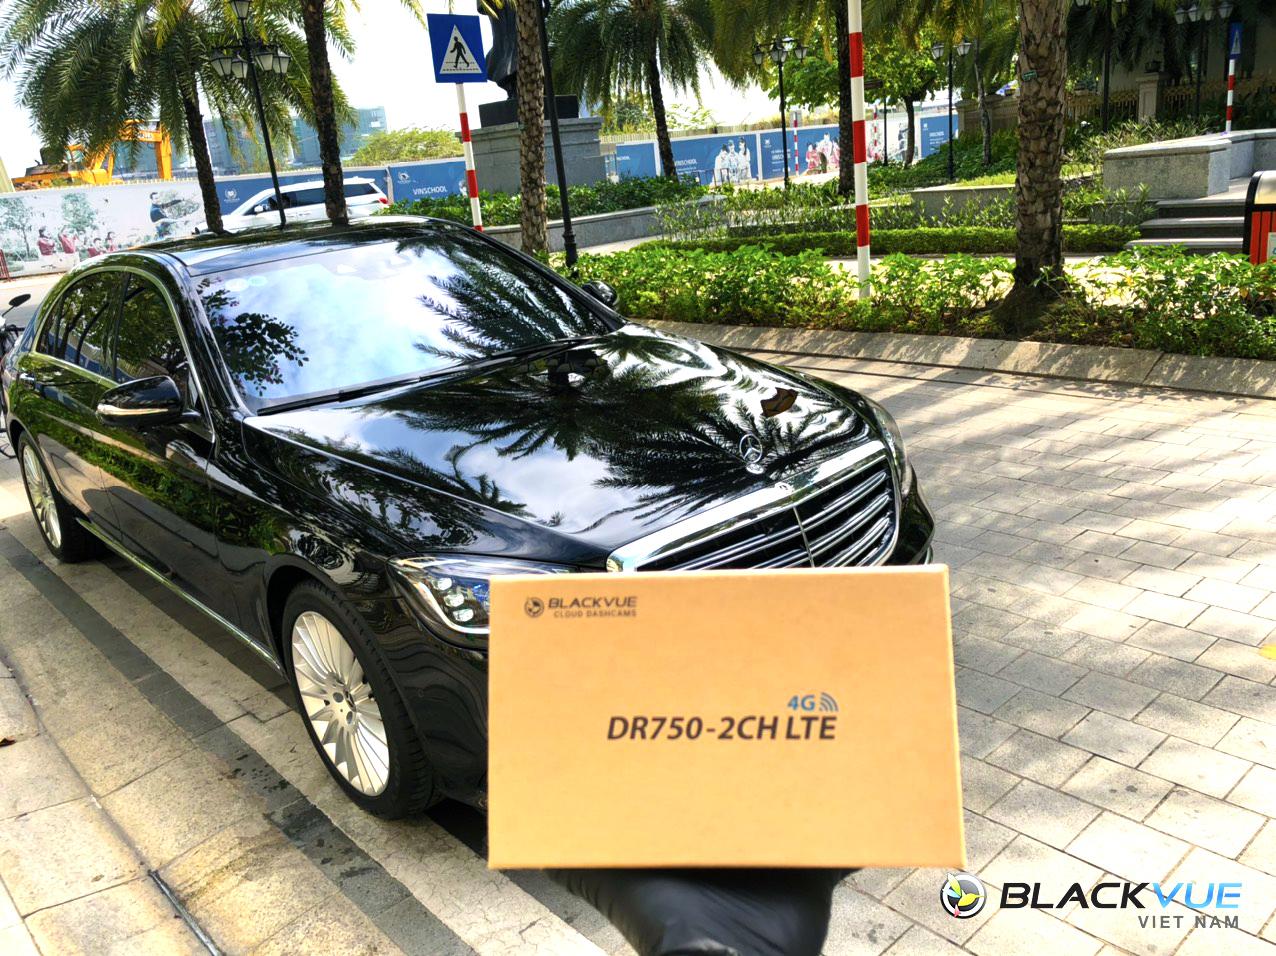 4 - Blackvue DR750-2CH LTE và xe sang?